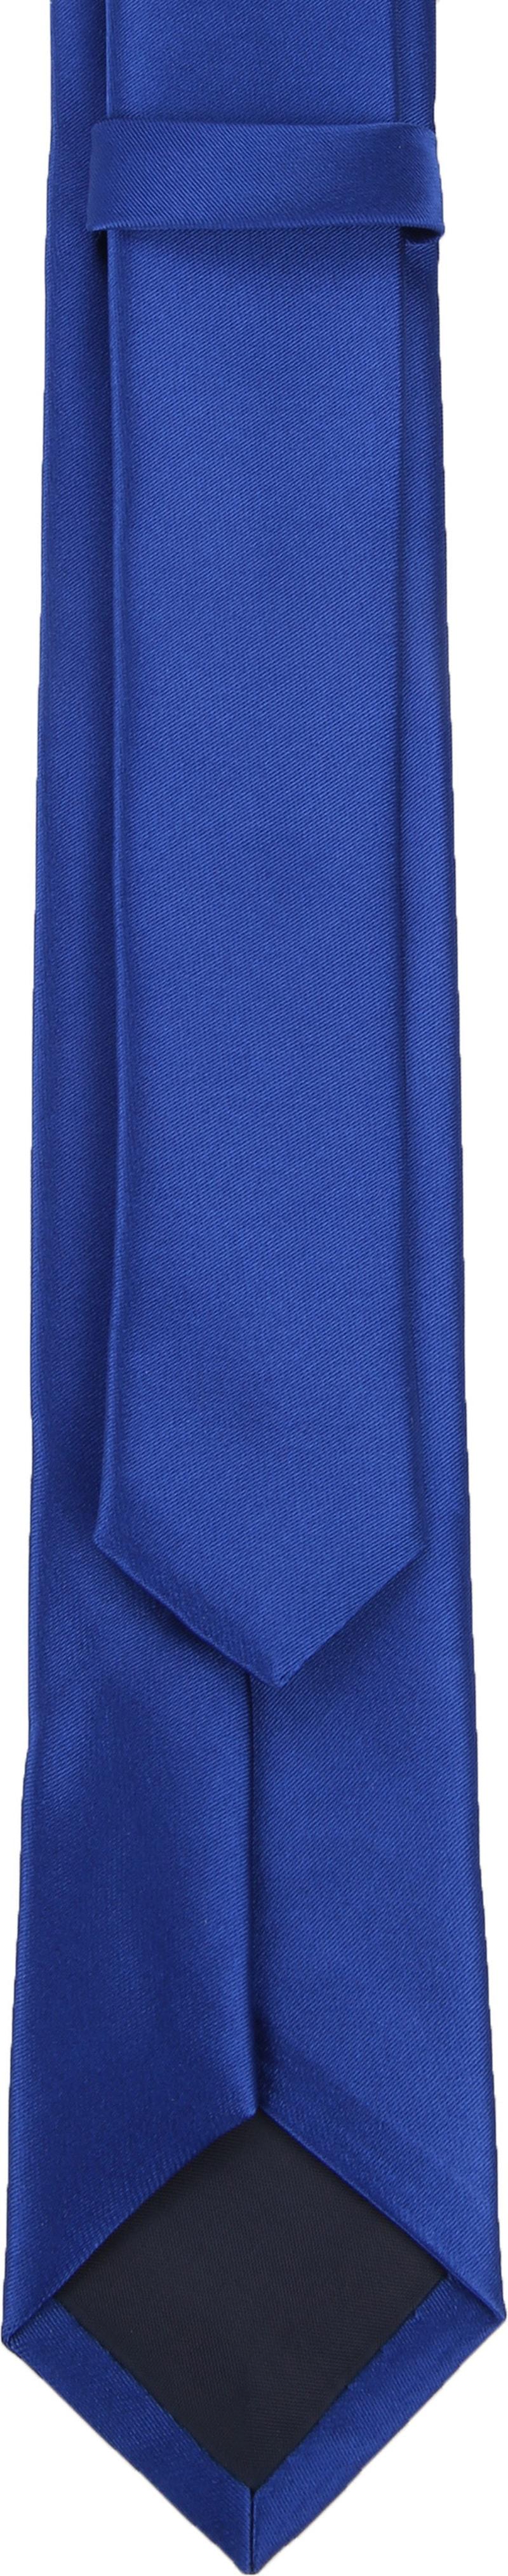 Suitable Krawatte Blau 929 Foto 2